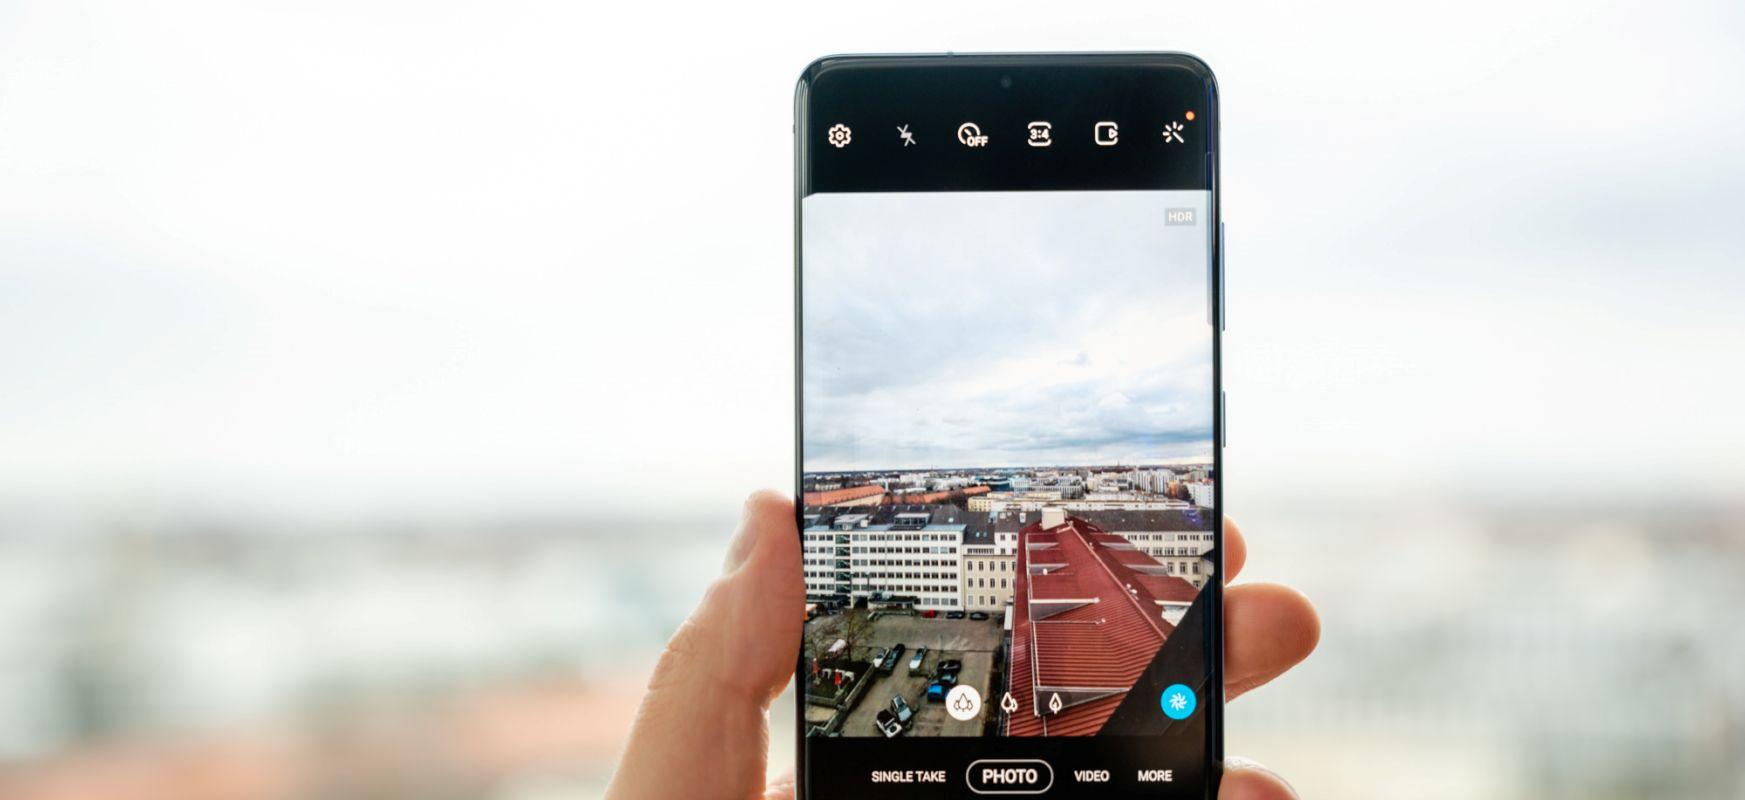 #Ultrawidechallenge - erronka berrian Samsung nola kontrolatuko dugun Galaxy S20 Ultra-k paisaia-argazkiekin kopiatzen du